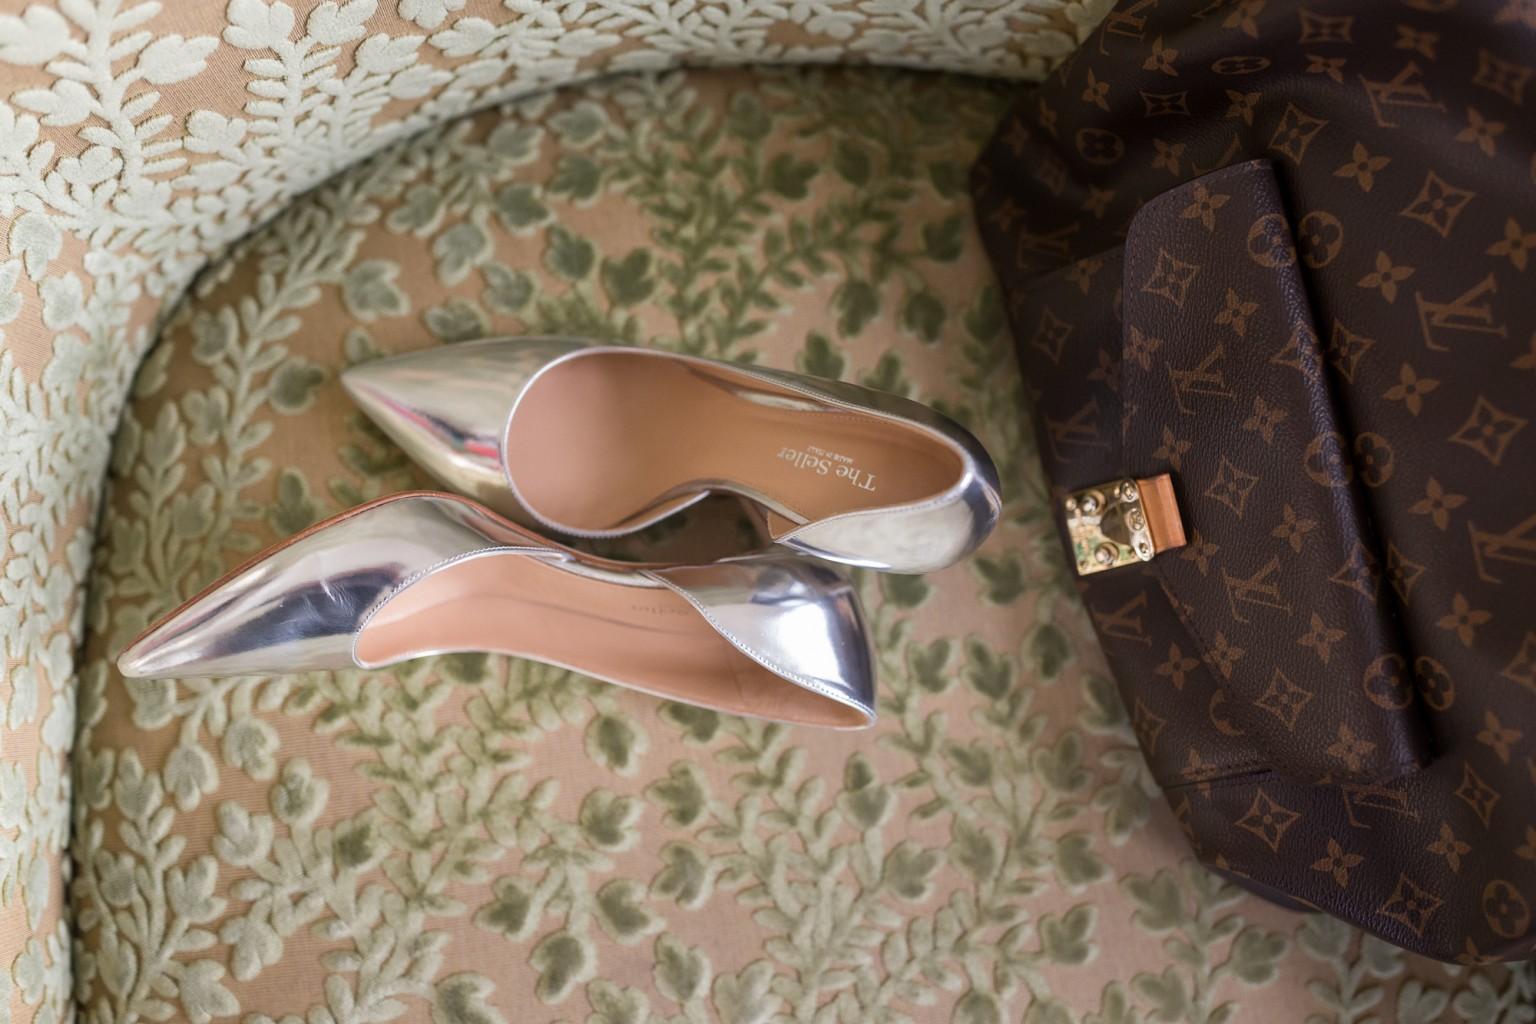 Schoenen van de bruid - The Seller